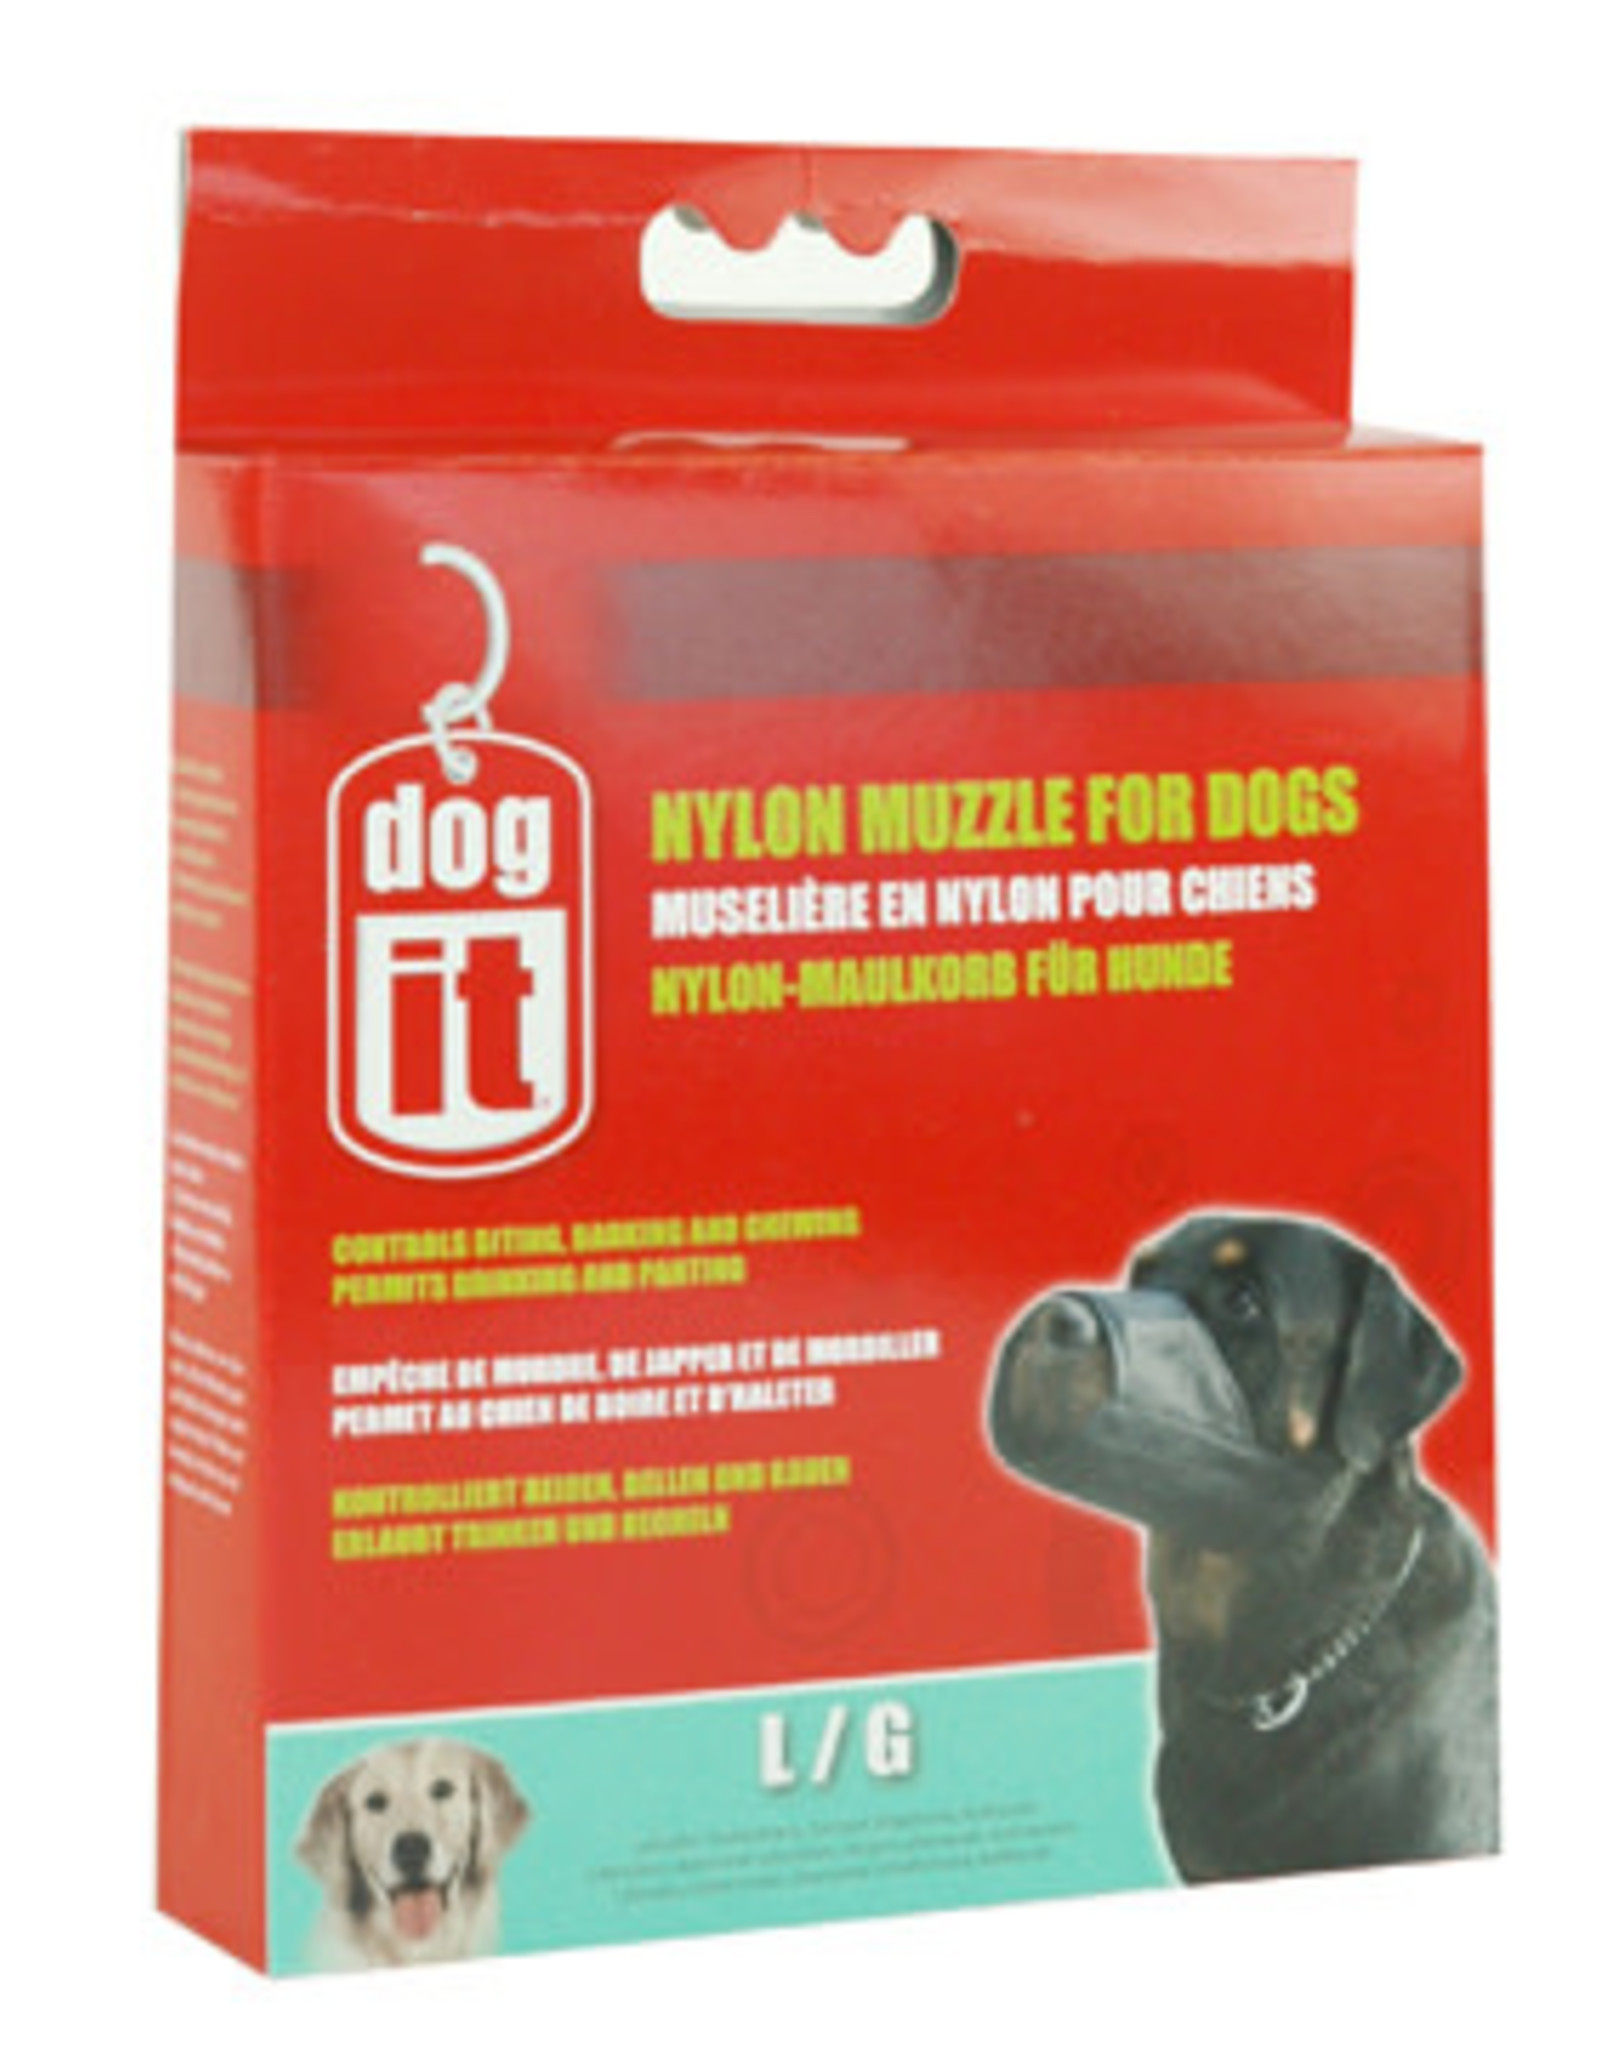 DogIt Dogit Nylon Dog Muzzle, Black, Large 7.3